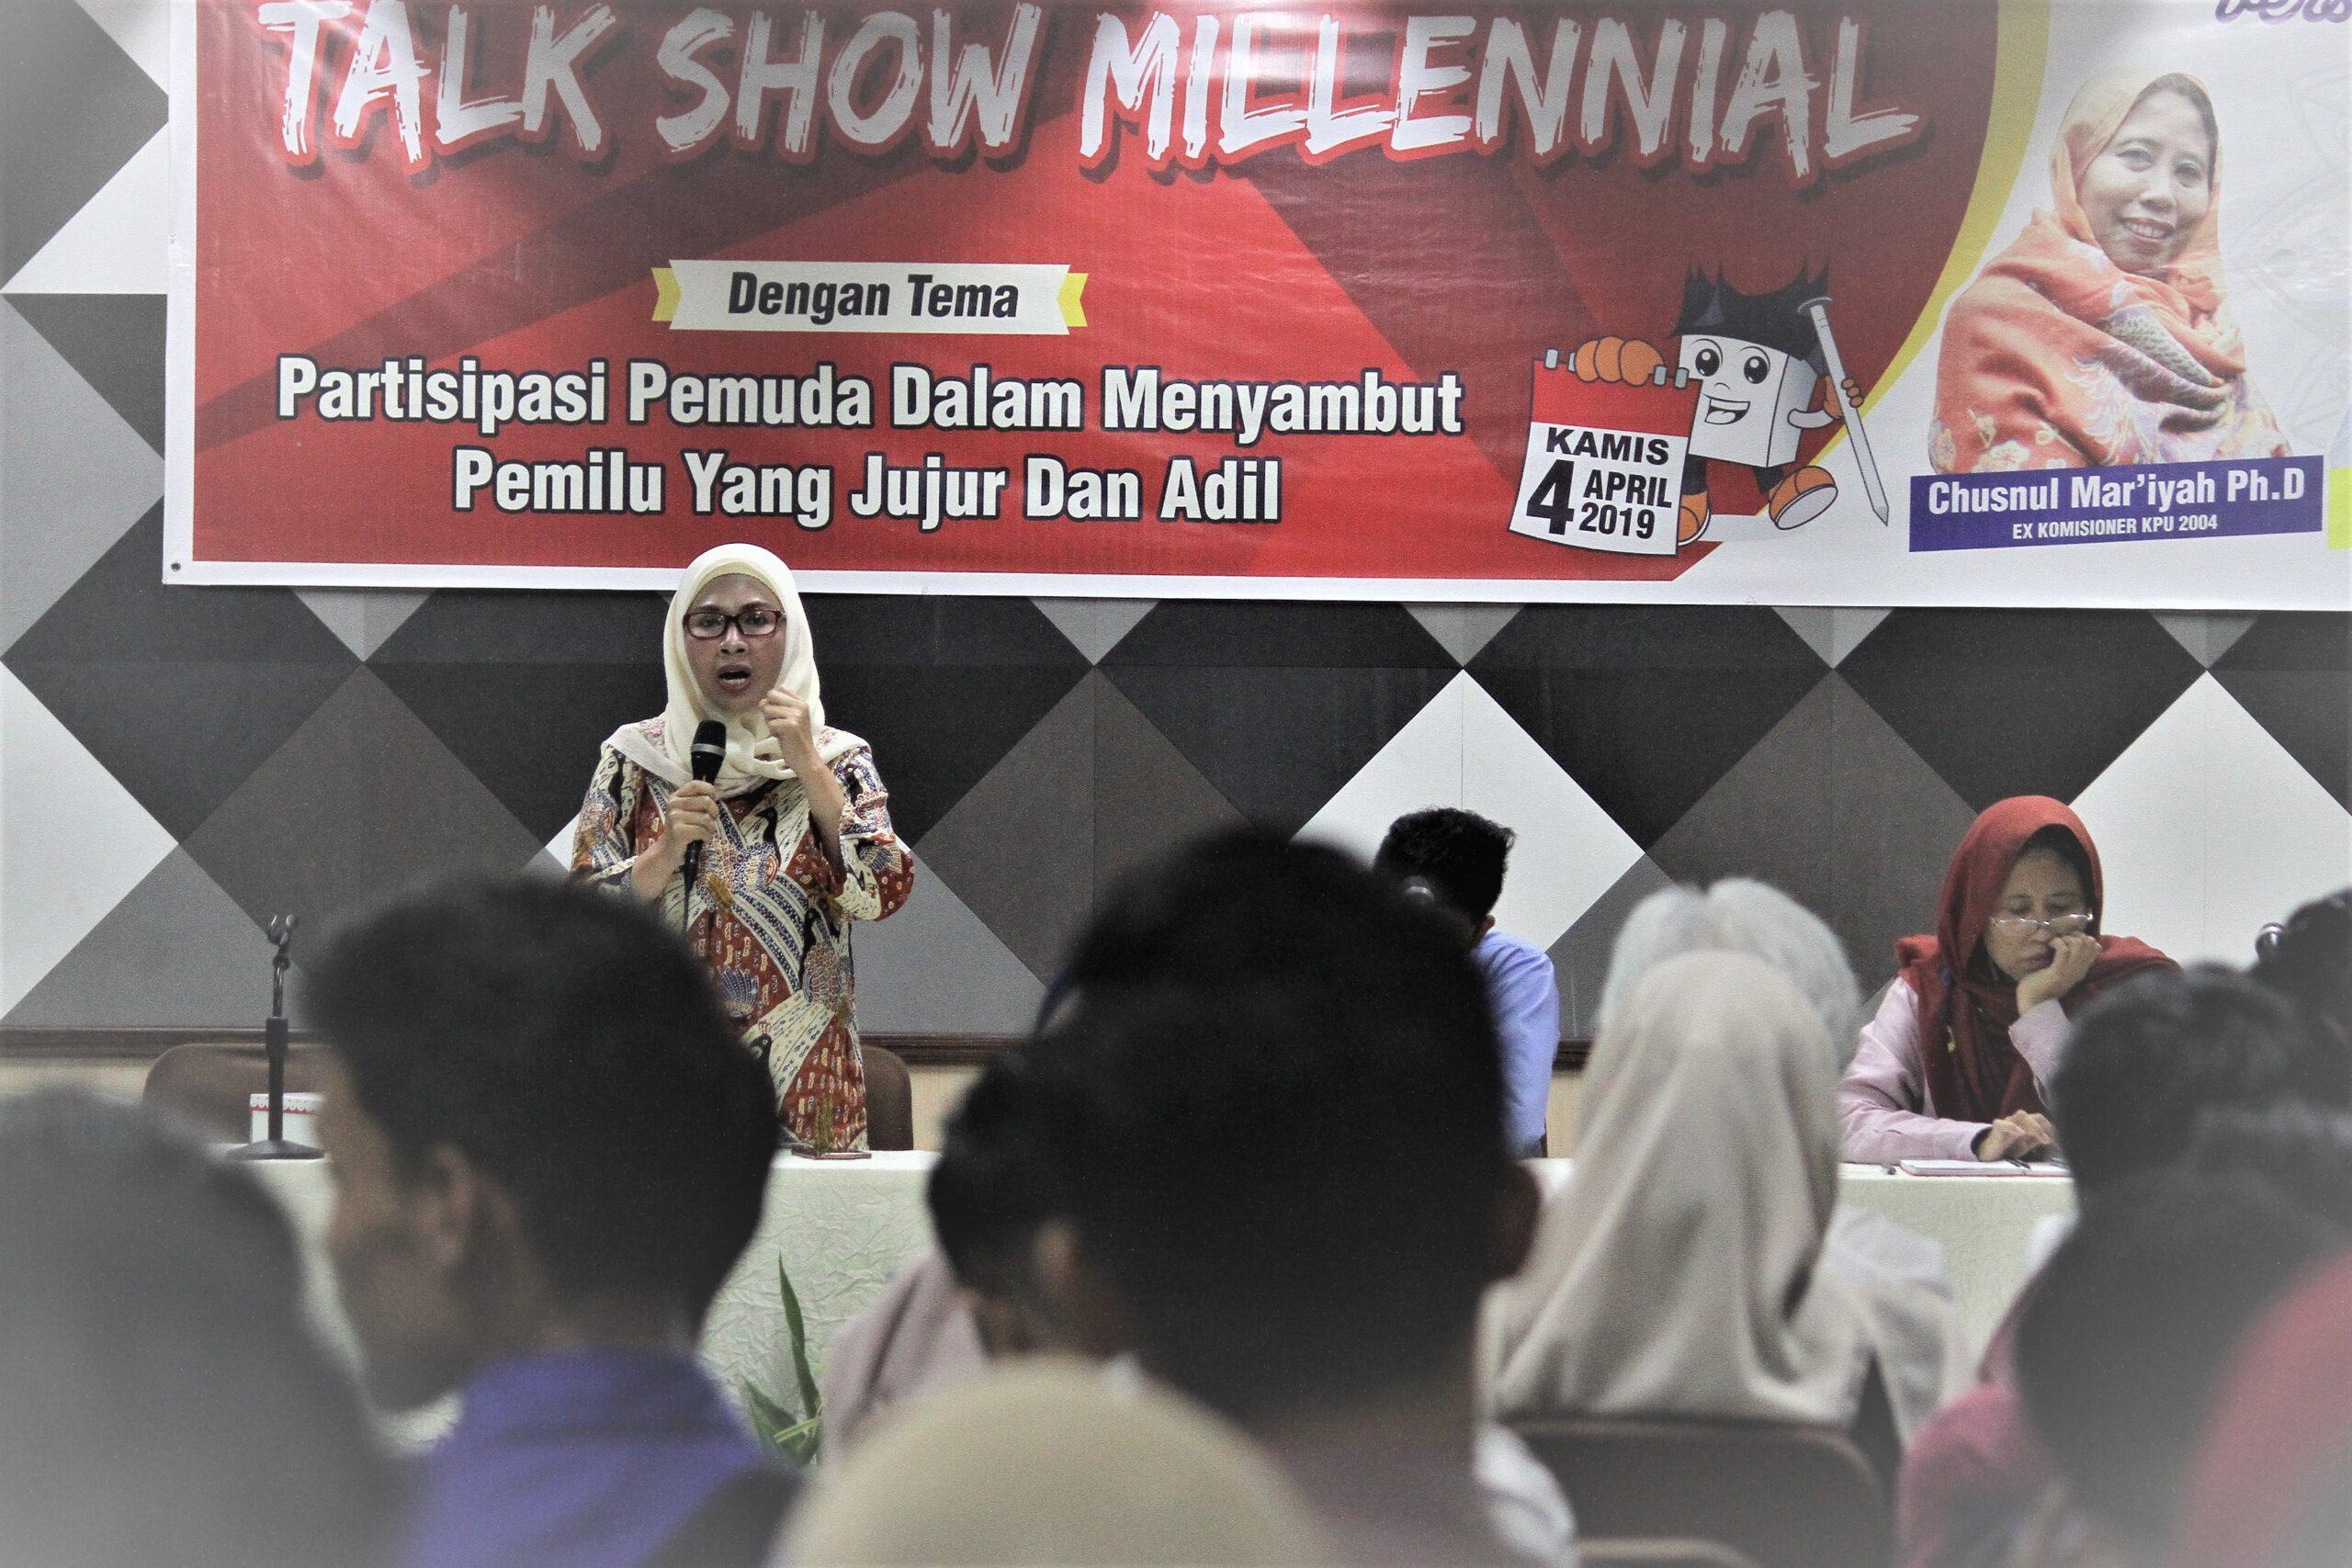 Director Women Research Institute, Edriana Noerdin diundang sebagai narasumber Talk Show Millenial di Padang, Sumbar, Kamis (4/4/2019)